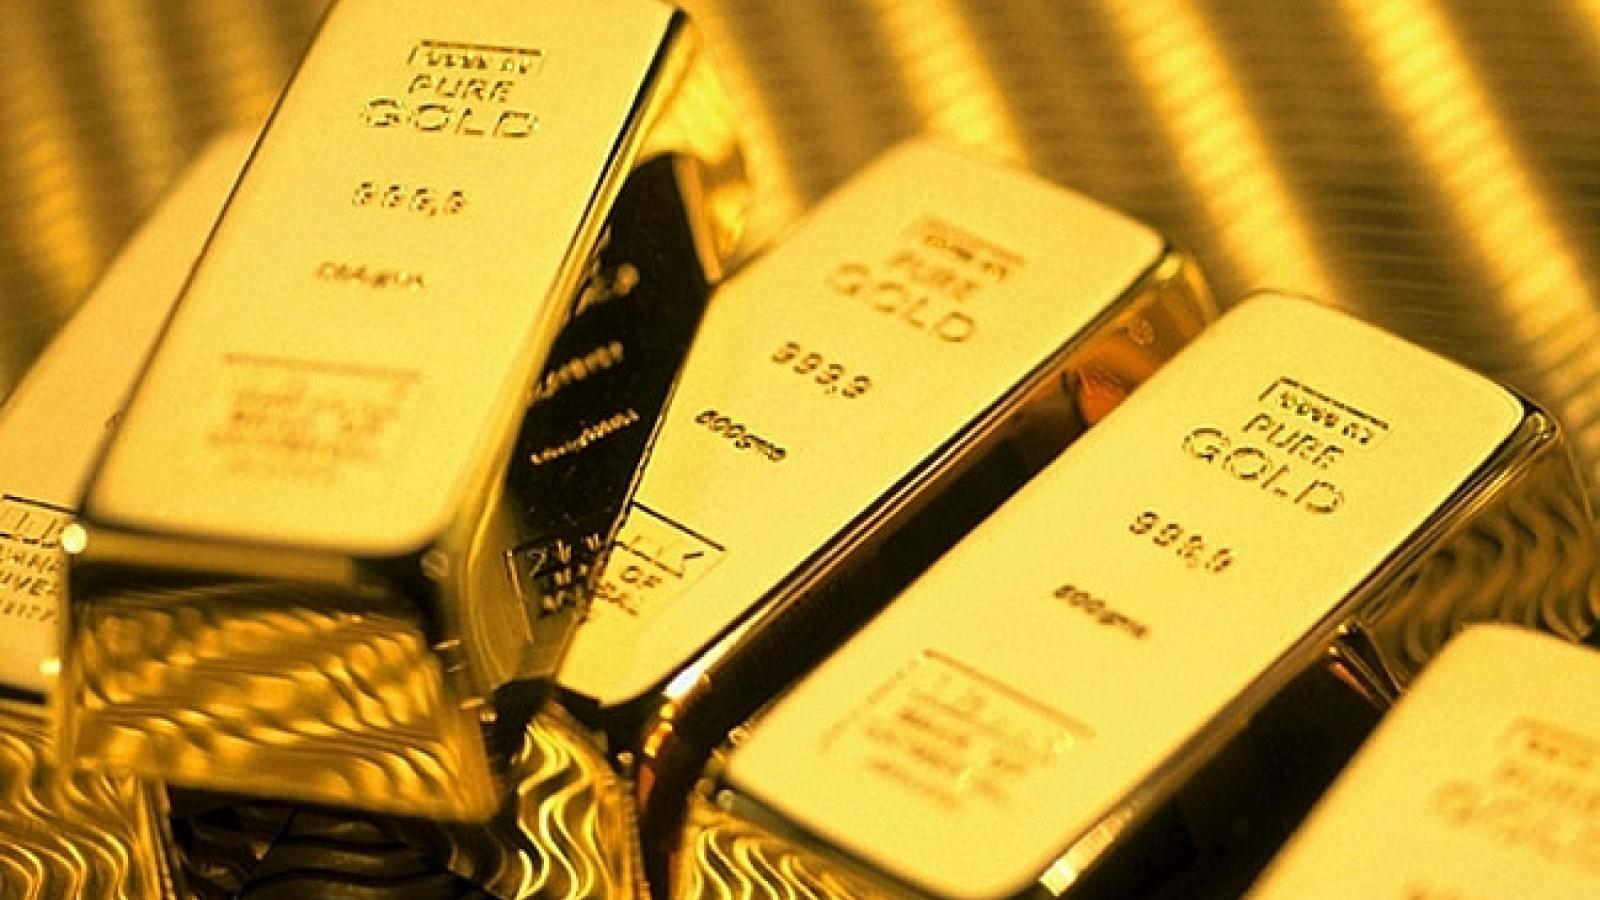 Vàng trong nước và thế giới cùng đứng giá sau mấy phiên giảm liên tiếp